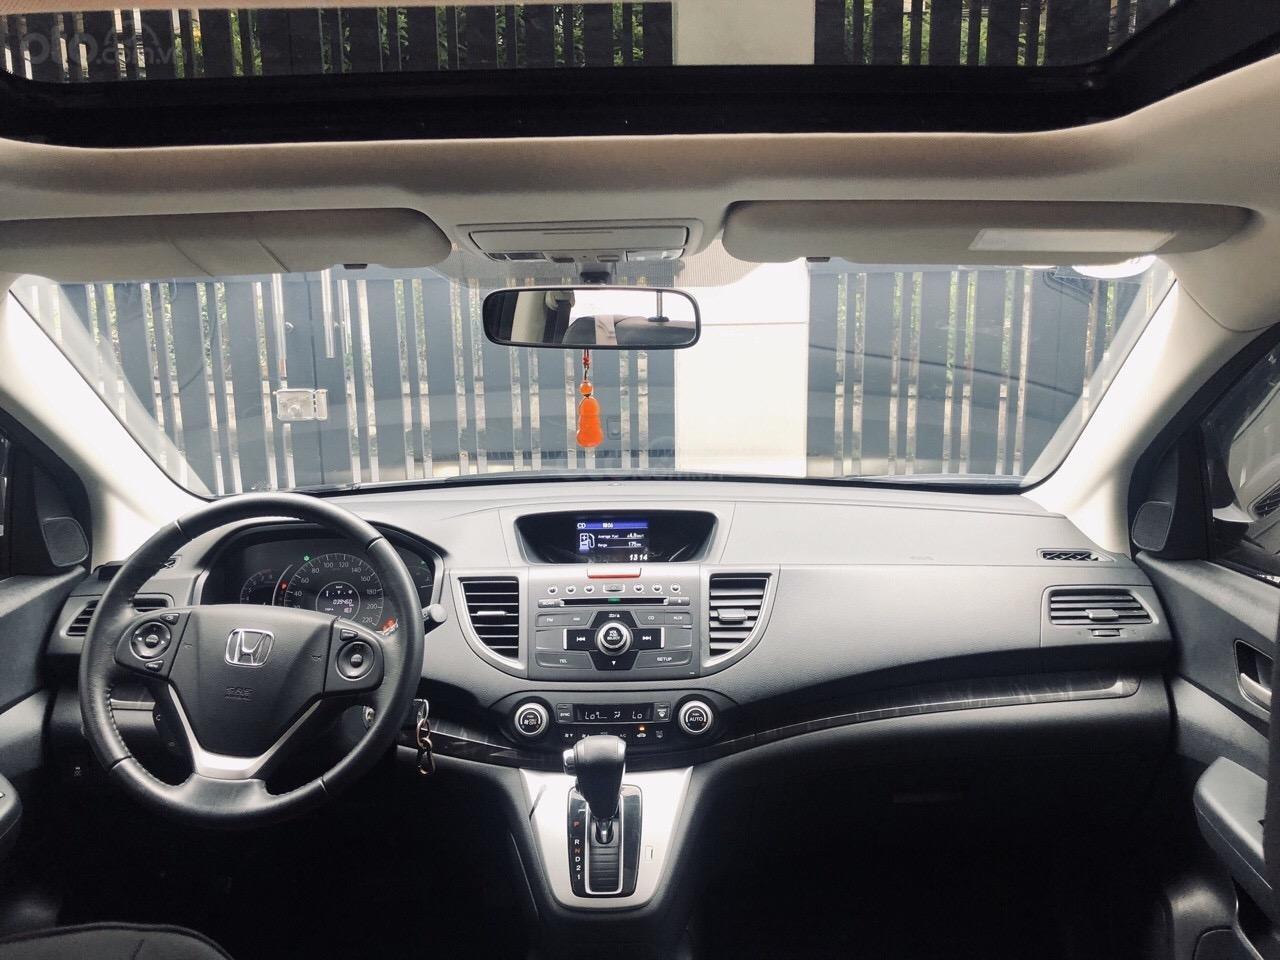 Bán Honda CRV 2.4G sản xuất 2013, xe đẹp đi đúng 39.000km, bao kiểm tra hãng (4)